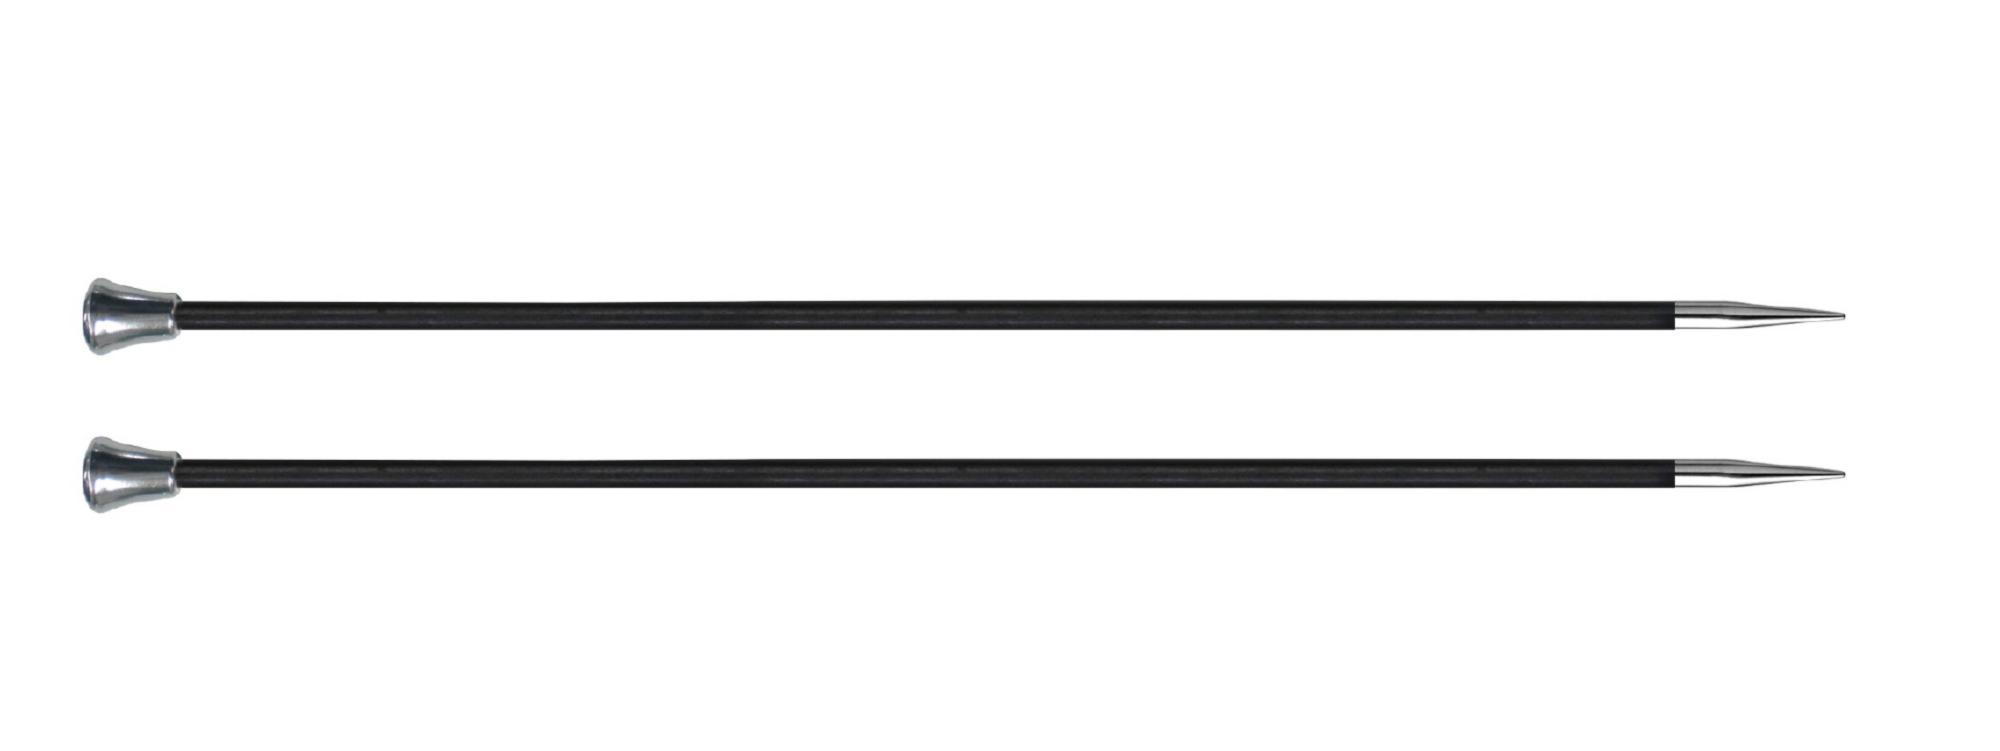 Спицы прямые 25 см Karbonz KnitPro, 41261, 5.50 мм